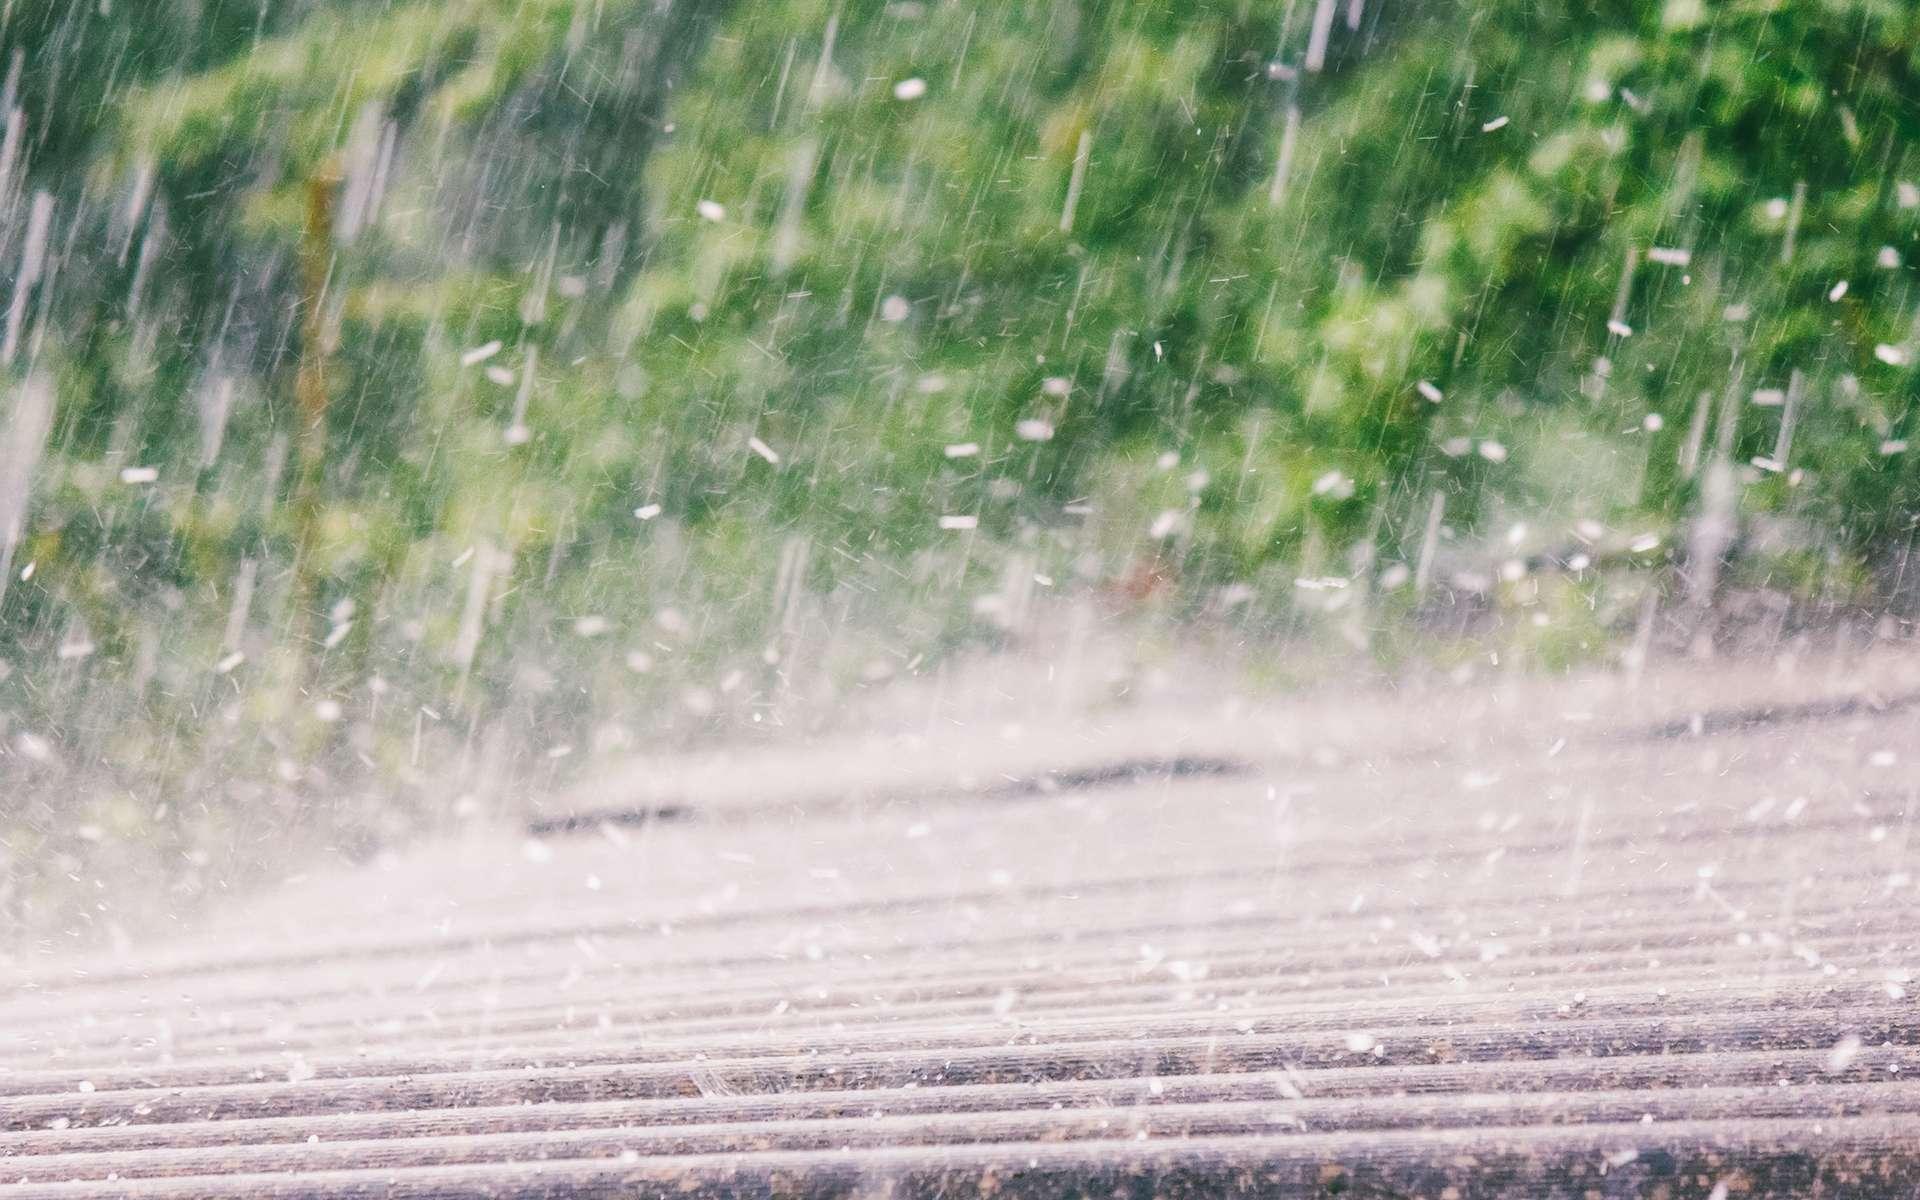 Une averse de grêle dure rarement plus de 10 minutes. © Andrey Solovev, Adobe Stock